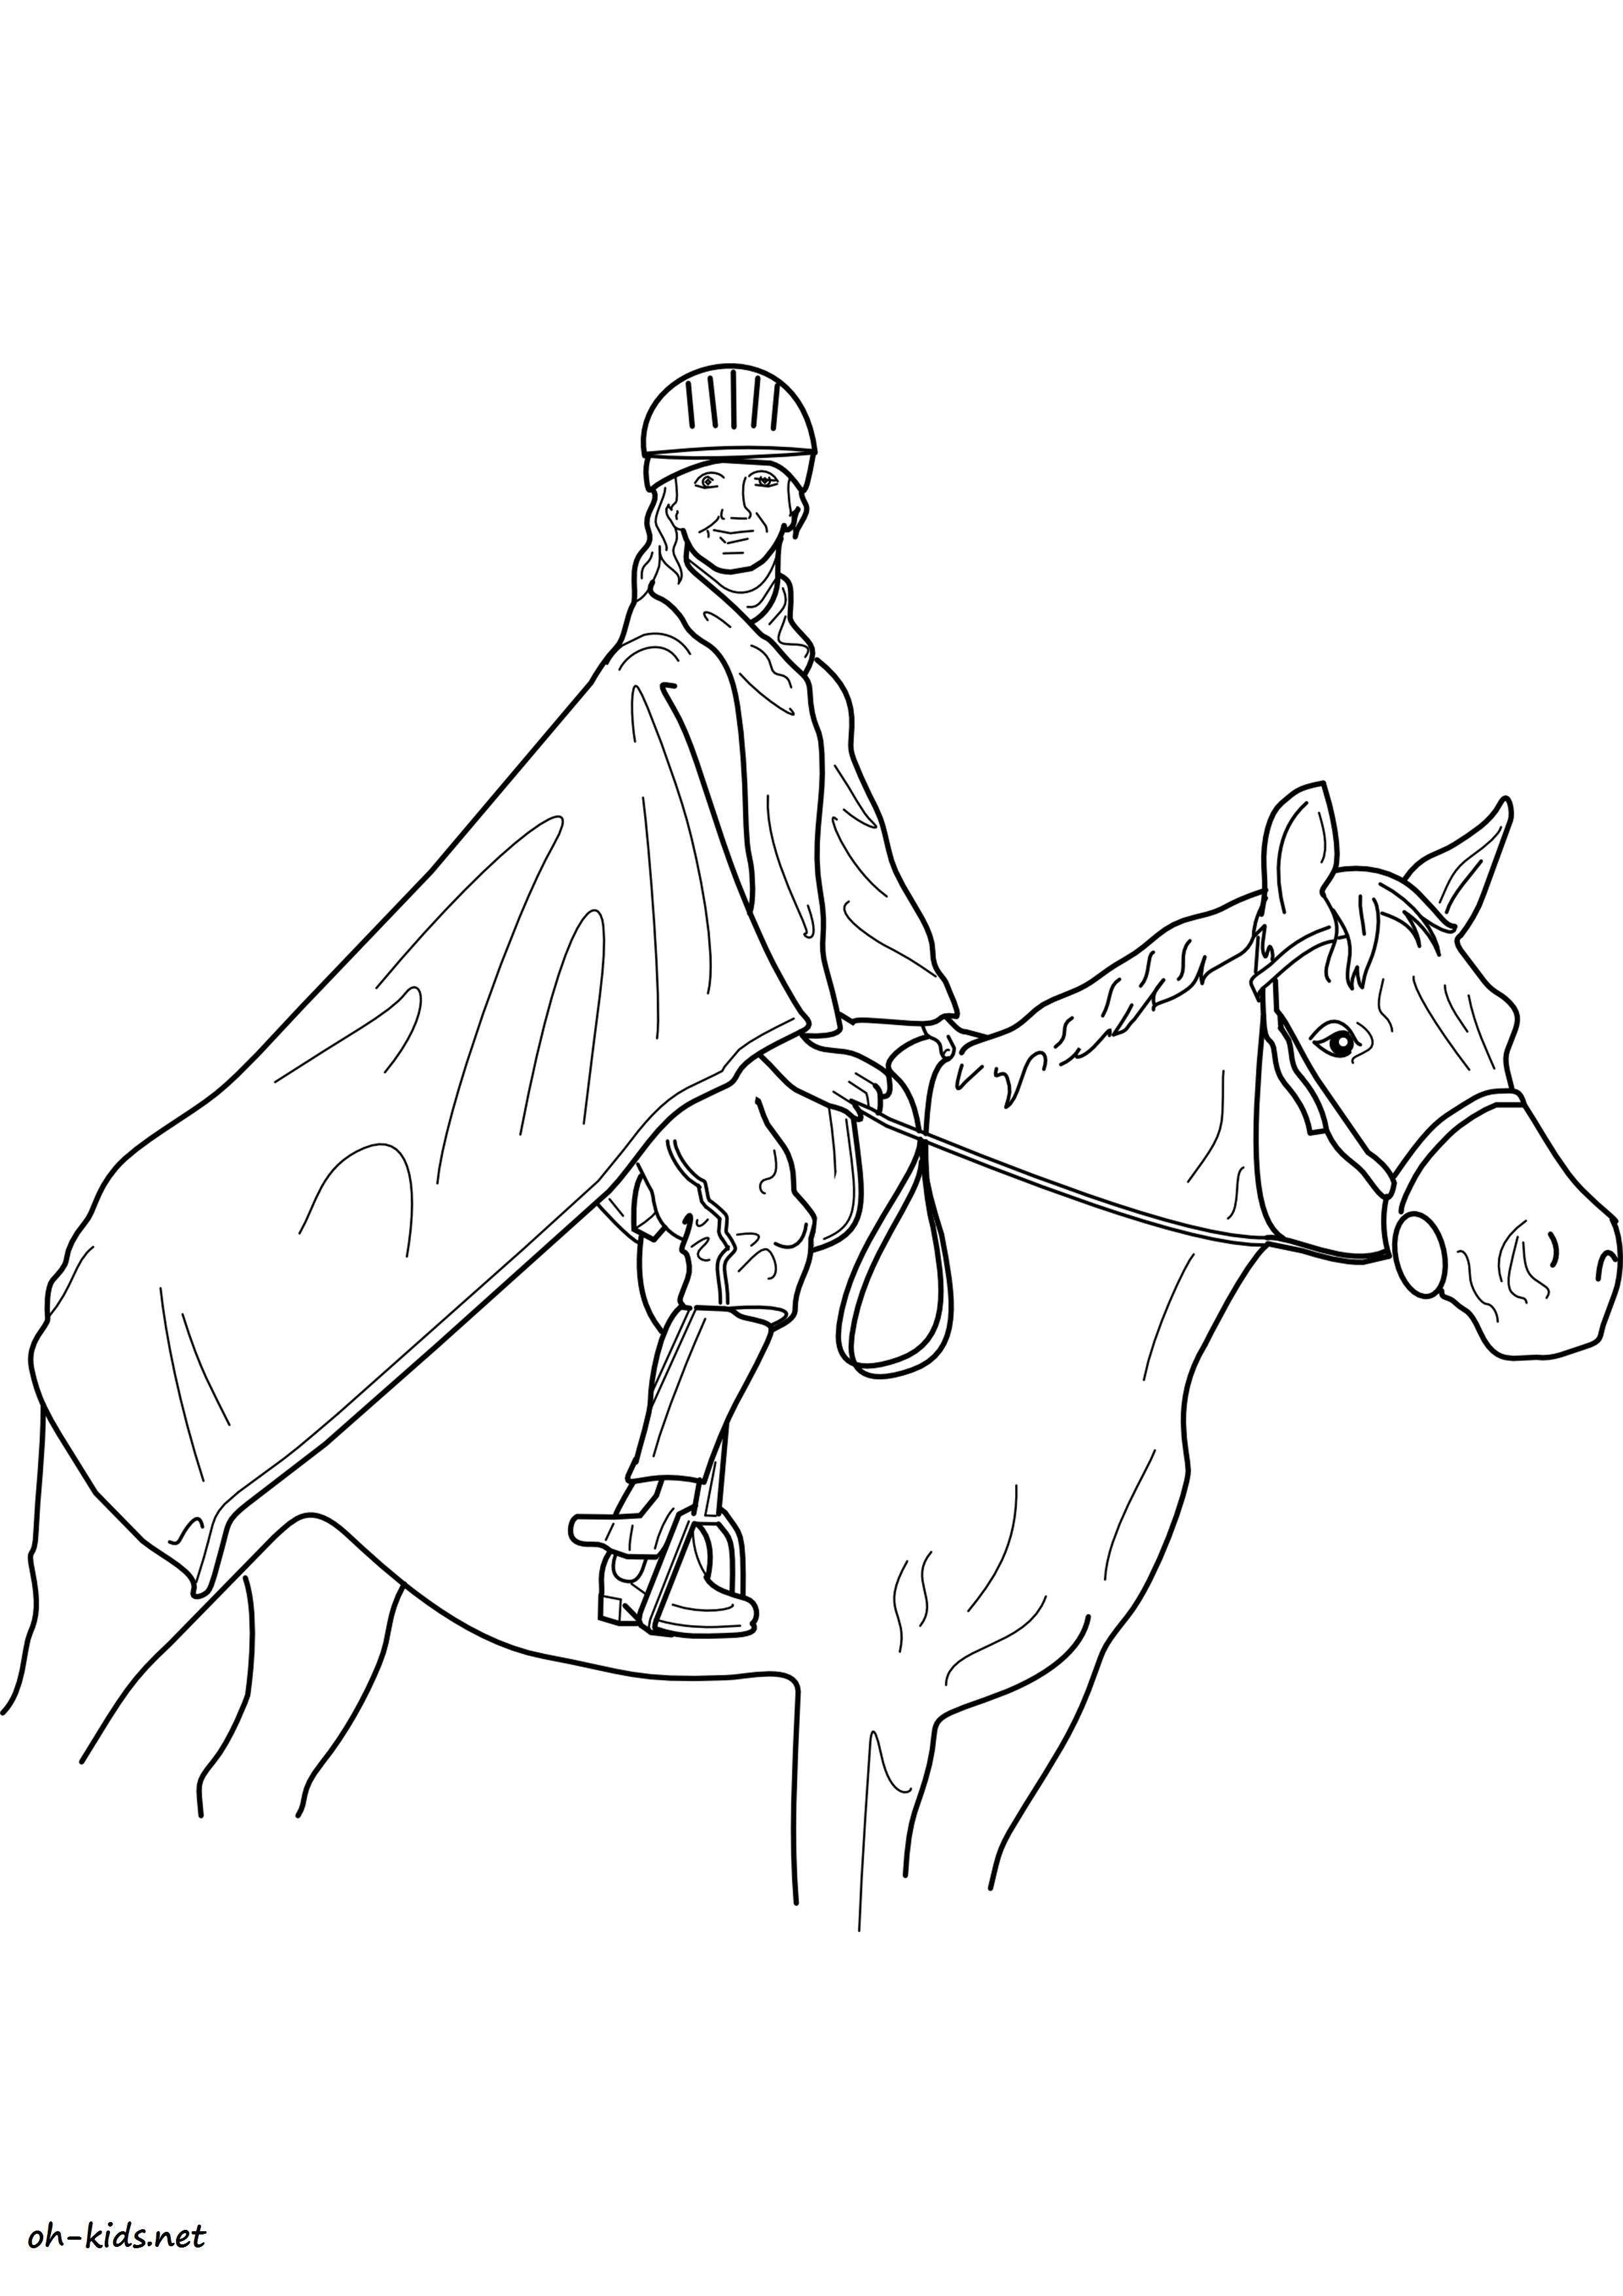 Image de équitation a imprimer et colorier - Dessin #1373